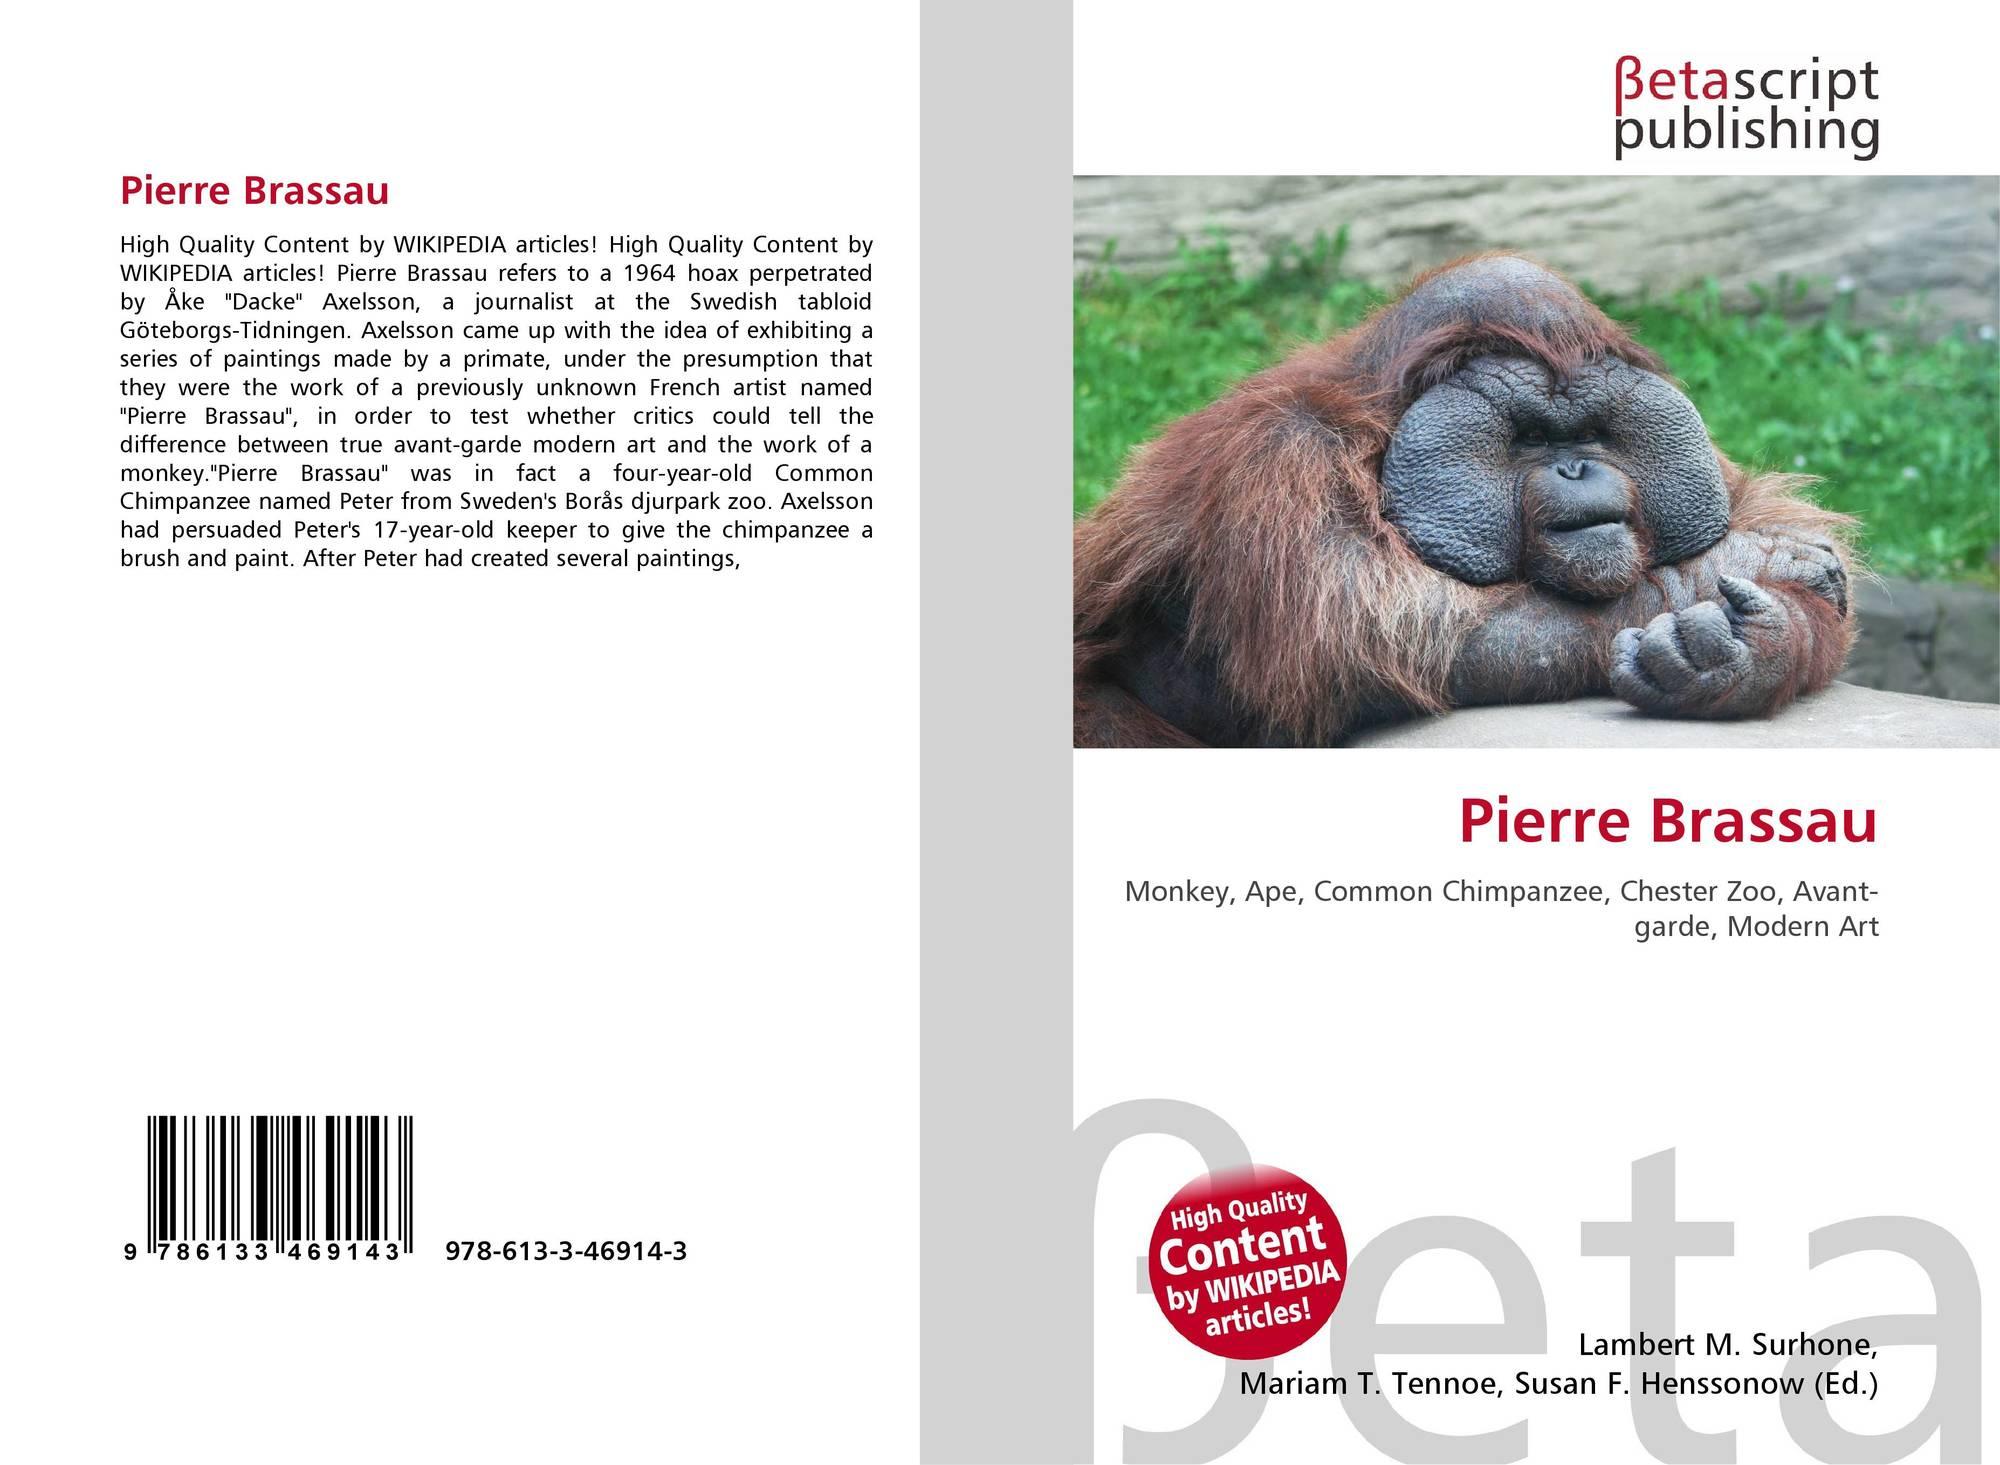 Pierre Brassau, 978-613-3-46914-3, 6133469145 ,9786133469143